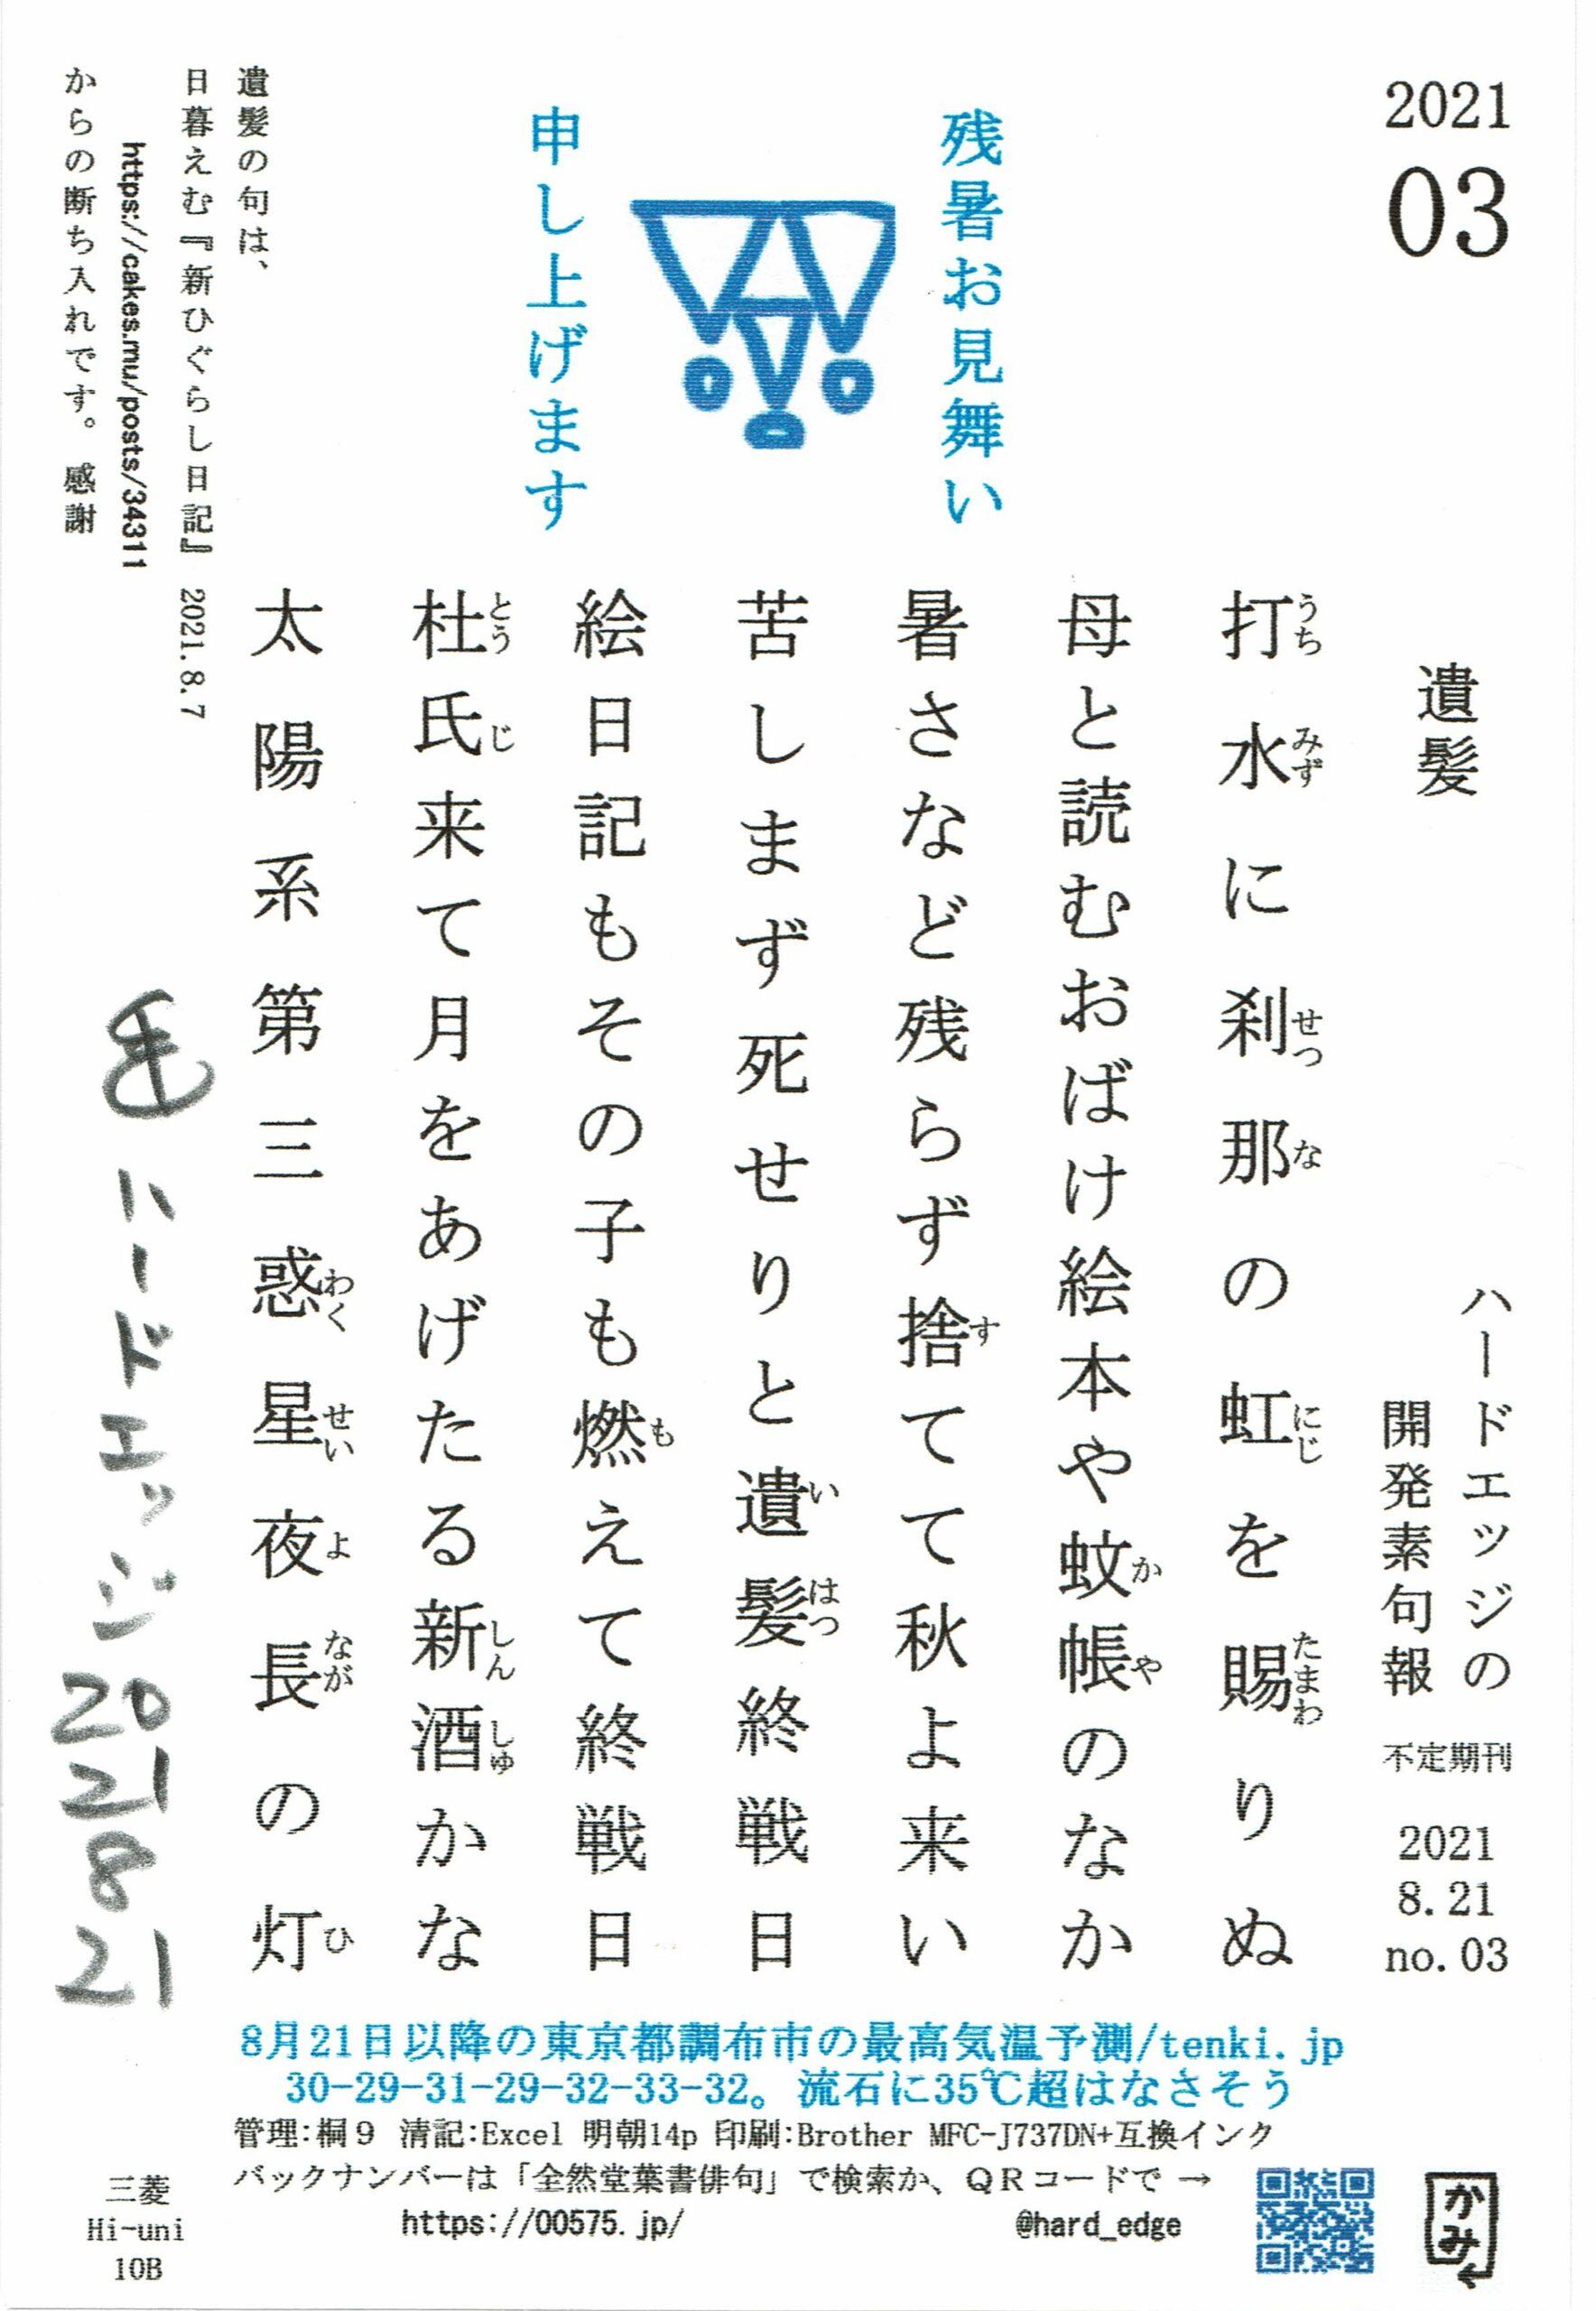 開発素句報 2021-03 残暑見舞